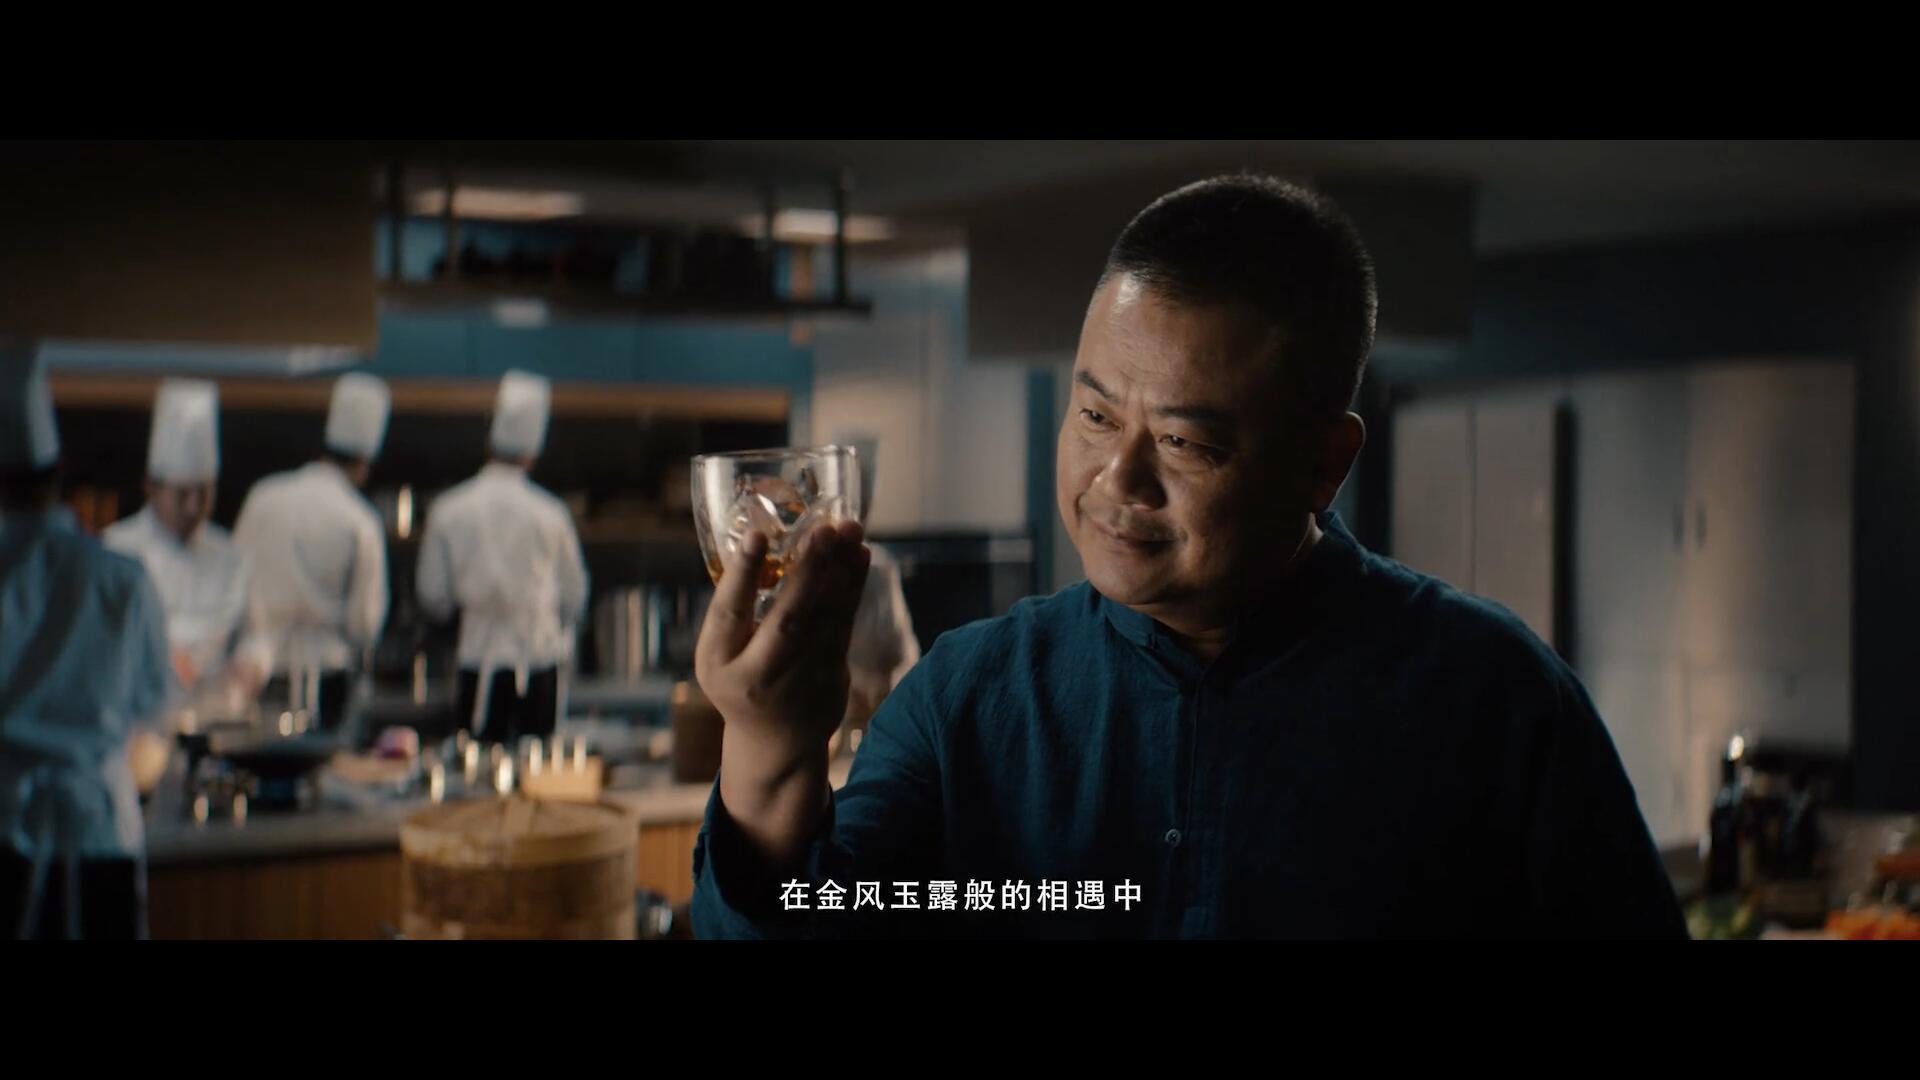 轩尼诗「食」验室陈晓卿篇